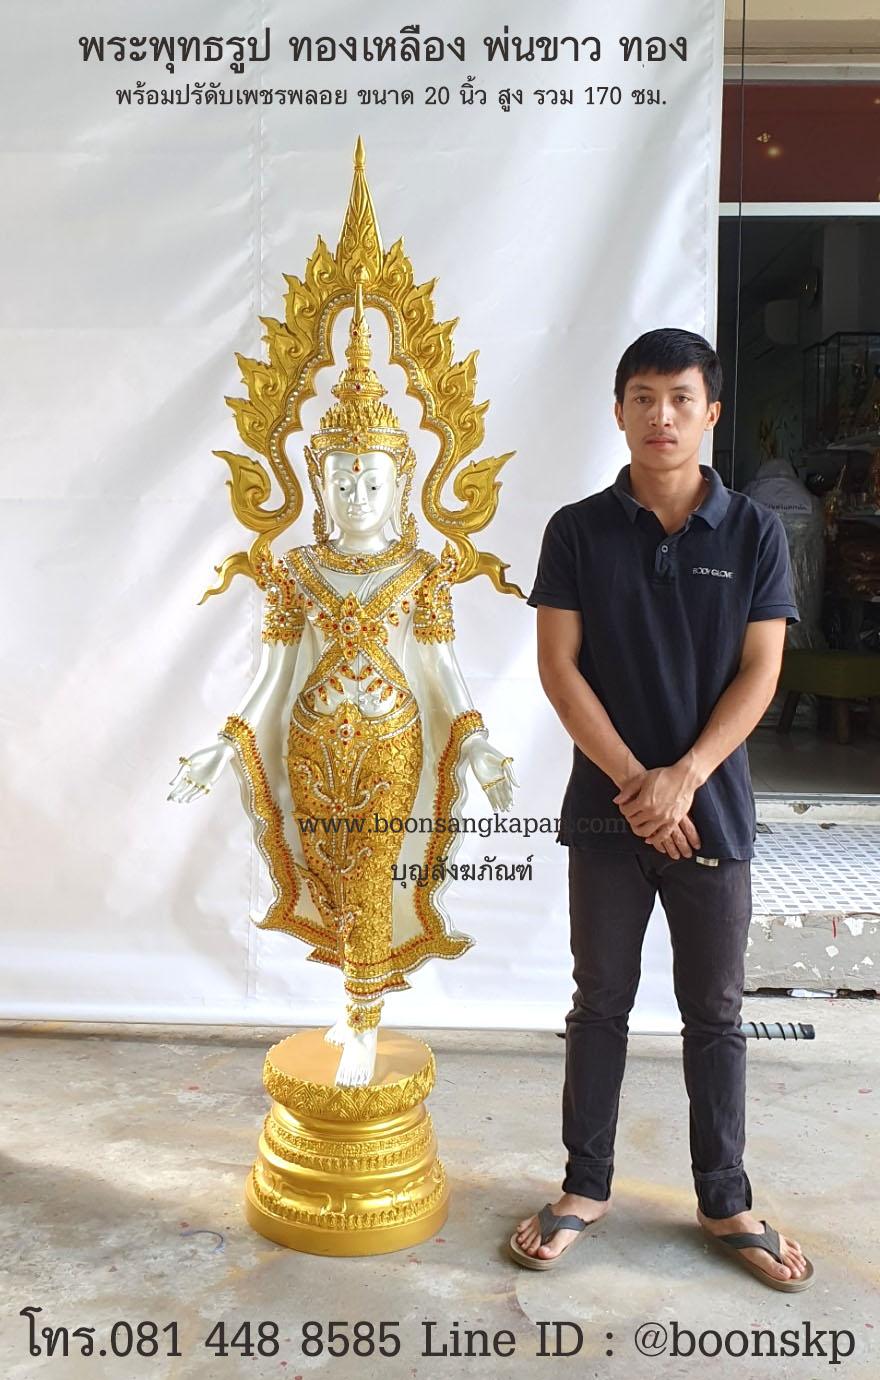 พระพุทธรูป ทองเหลือง พ่นขาว ทอง พร้อมปรัดับเพชรพลอย ขนาด 20 นิ้ว สูง รวม 170 ซม.